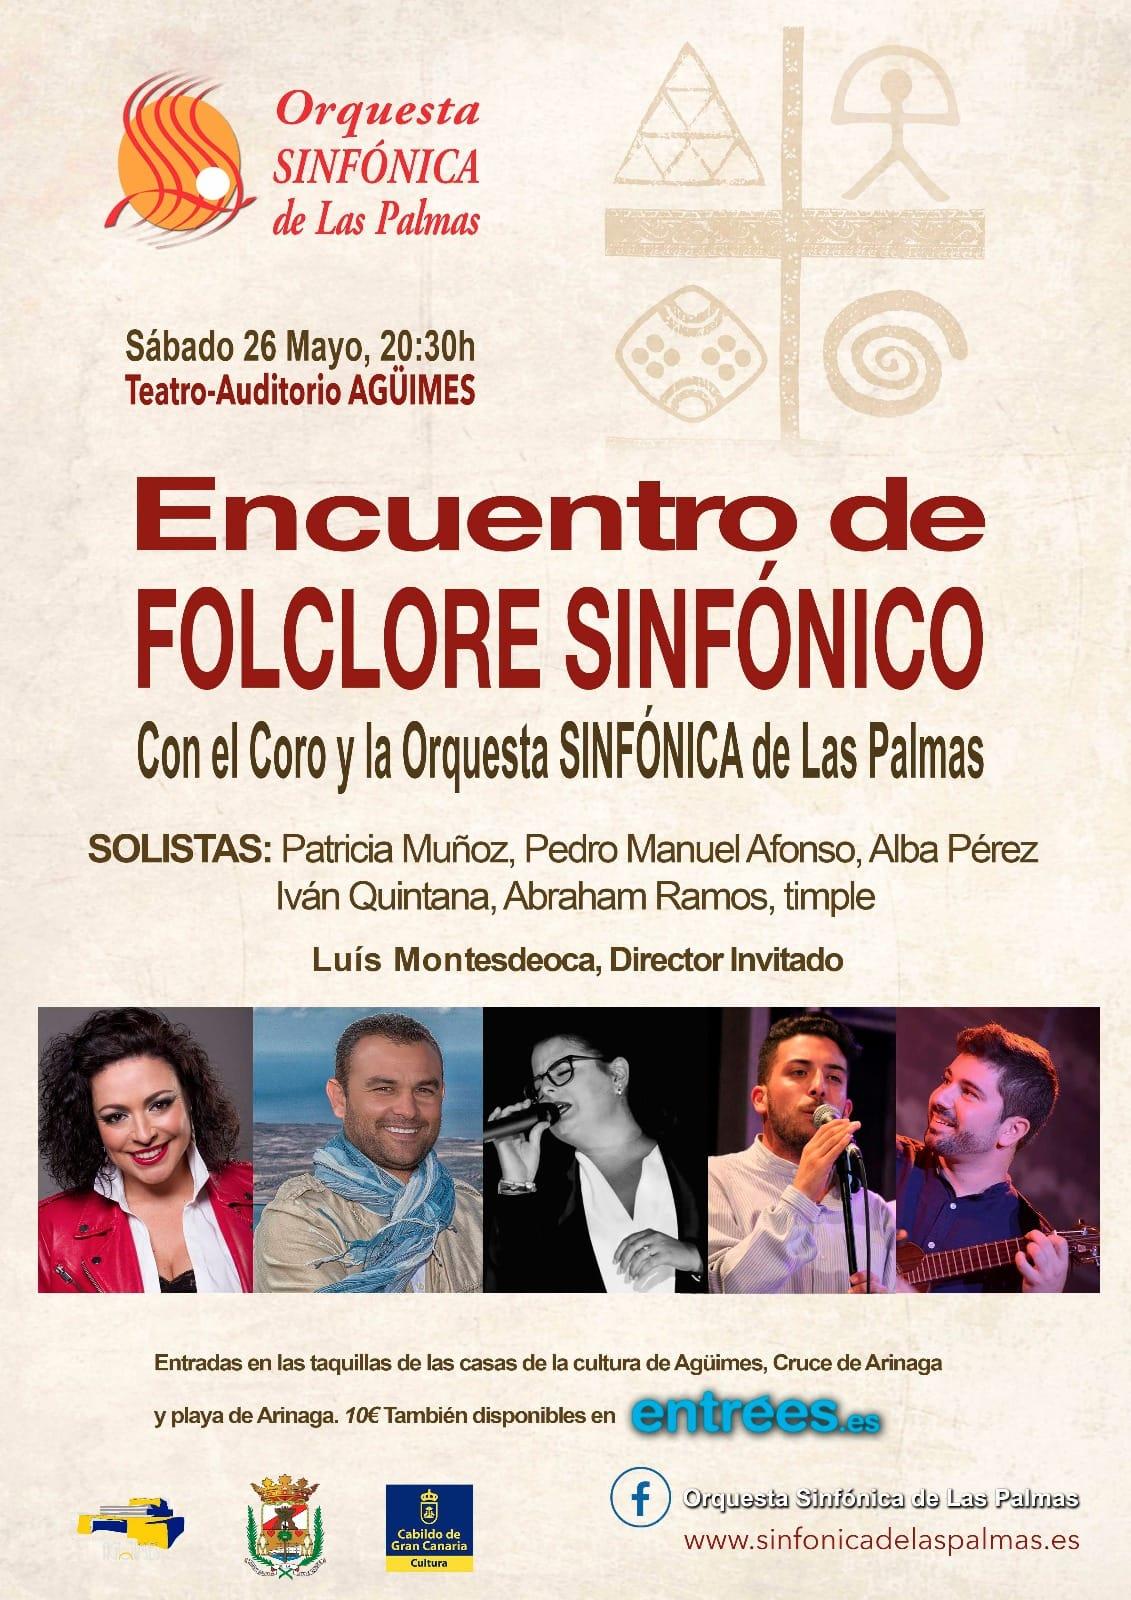 Encuentro de Folclore Sinfónico en Agüimes